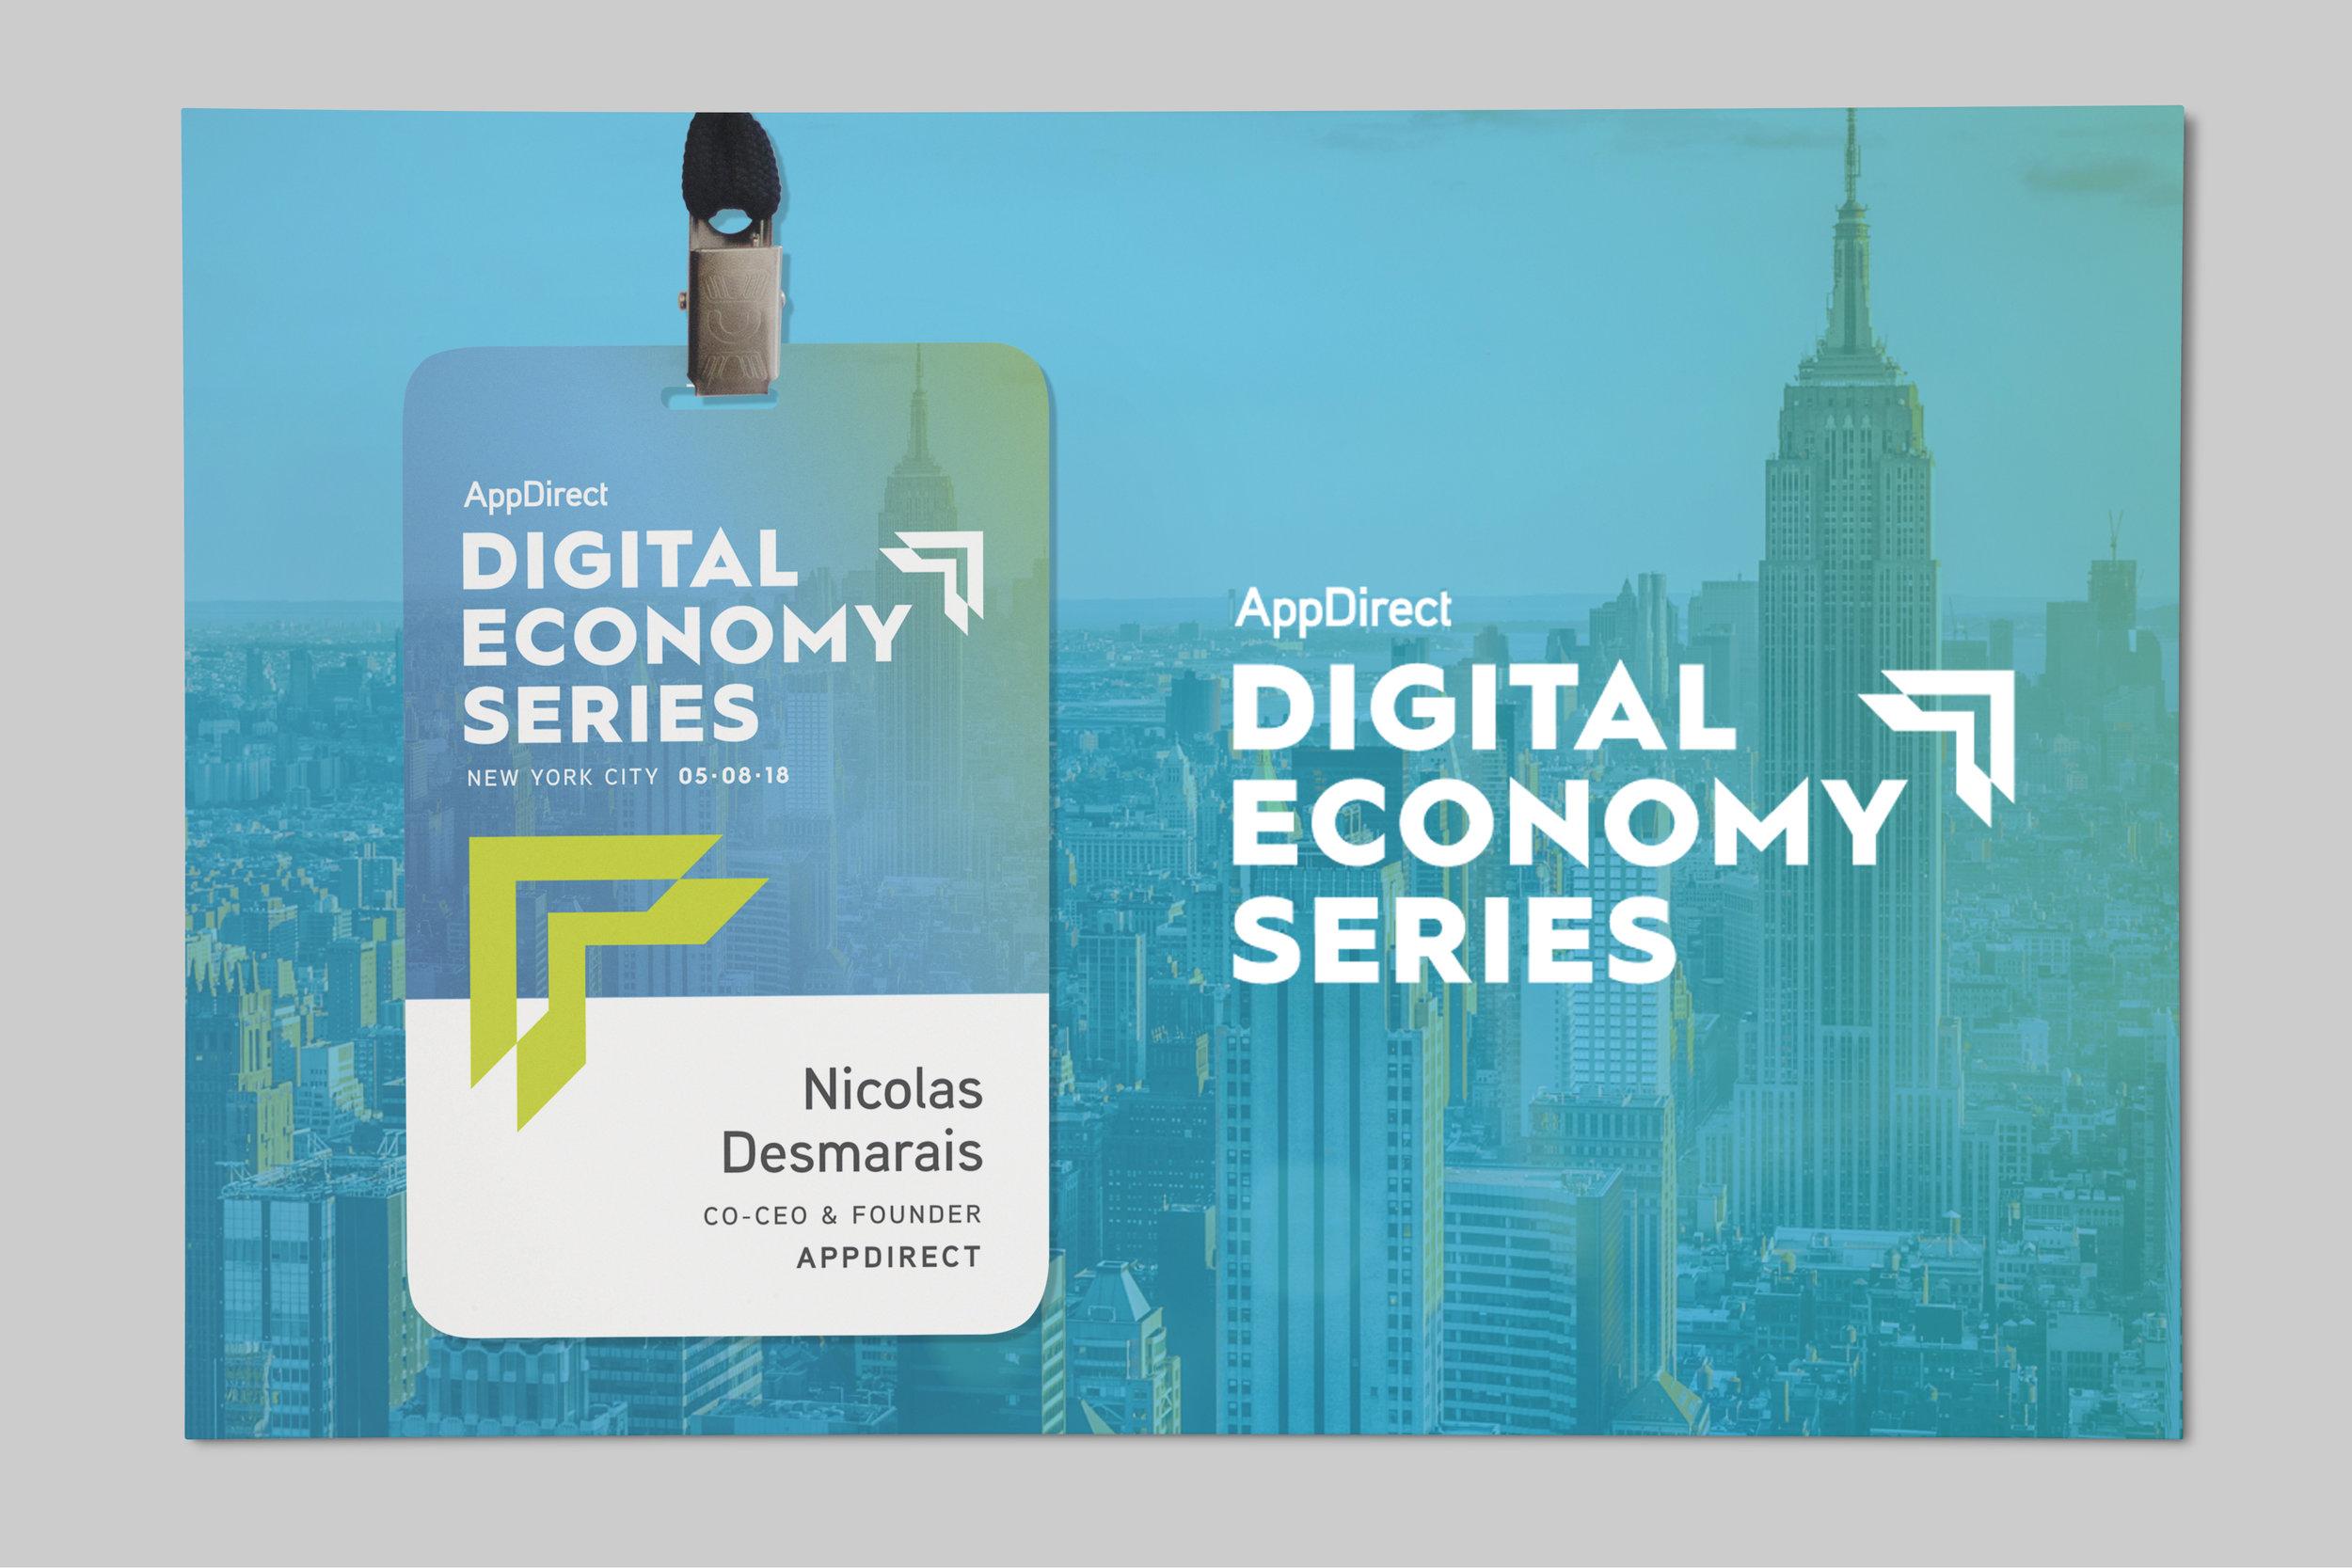 Digital Economy Series Branding | Art Direction, Design by Samantha Salvaggio